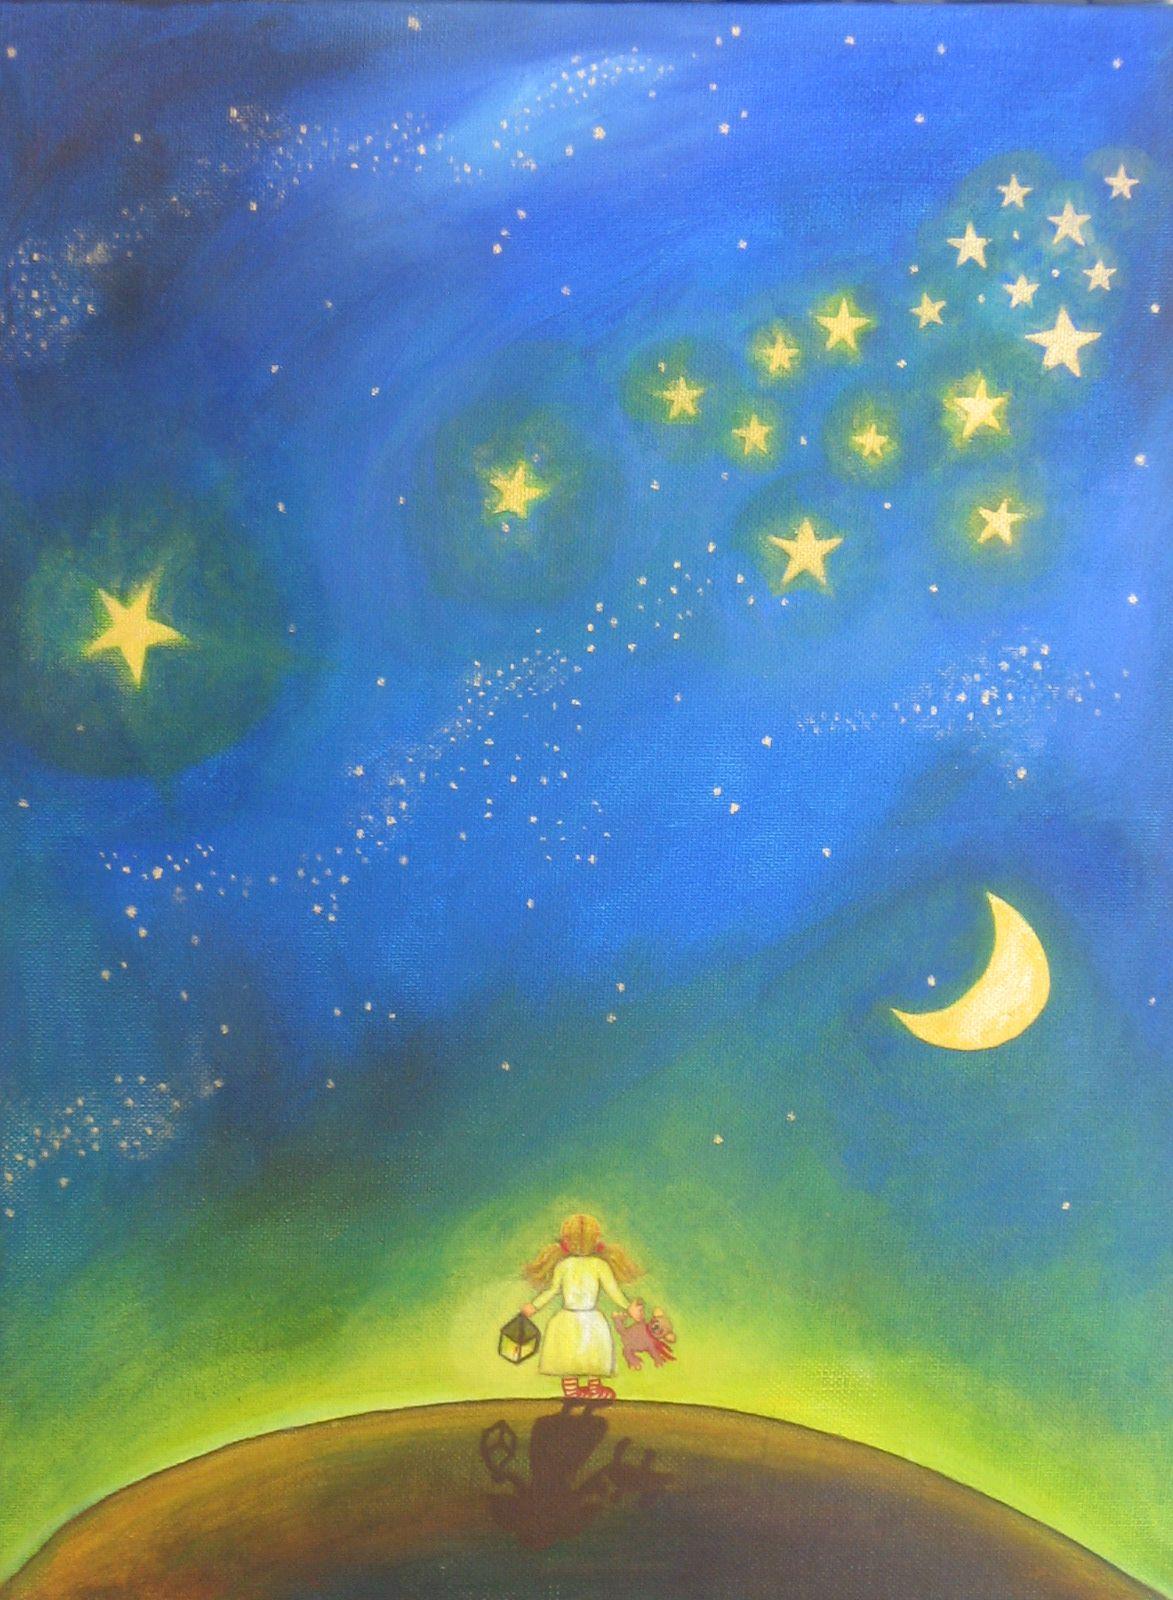 Schilderij sterrenhemel  Mooie teksten bij verdriet